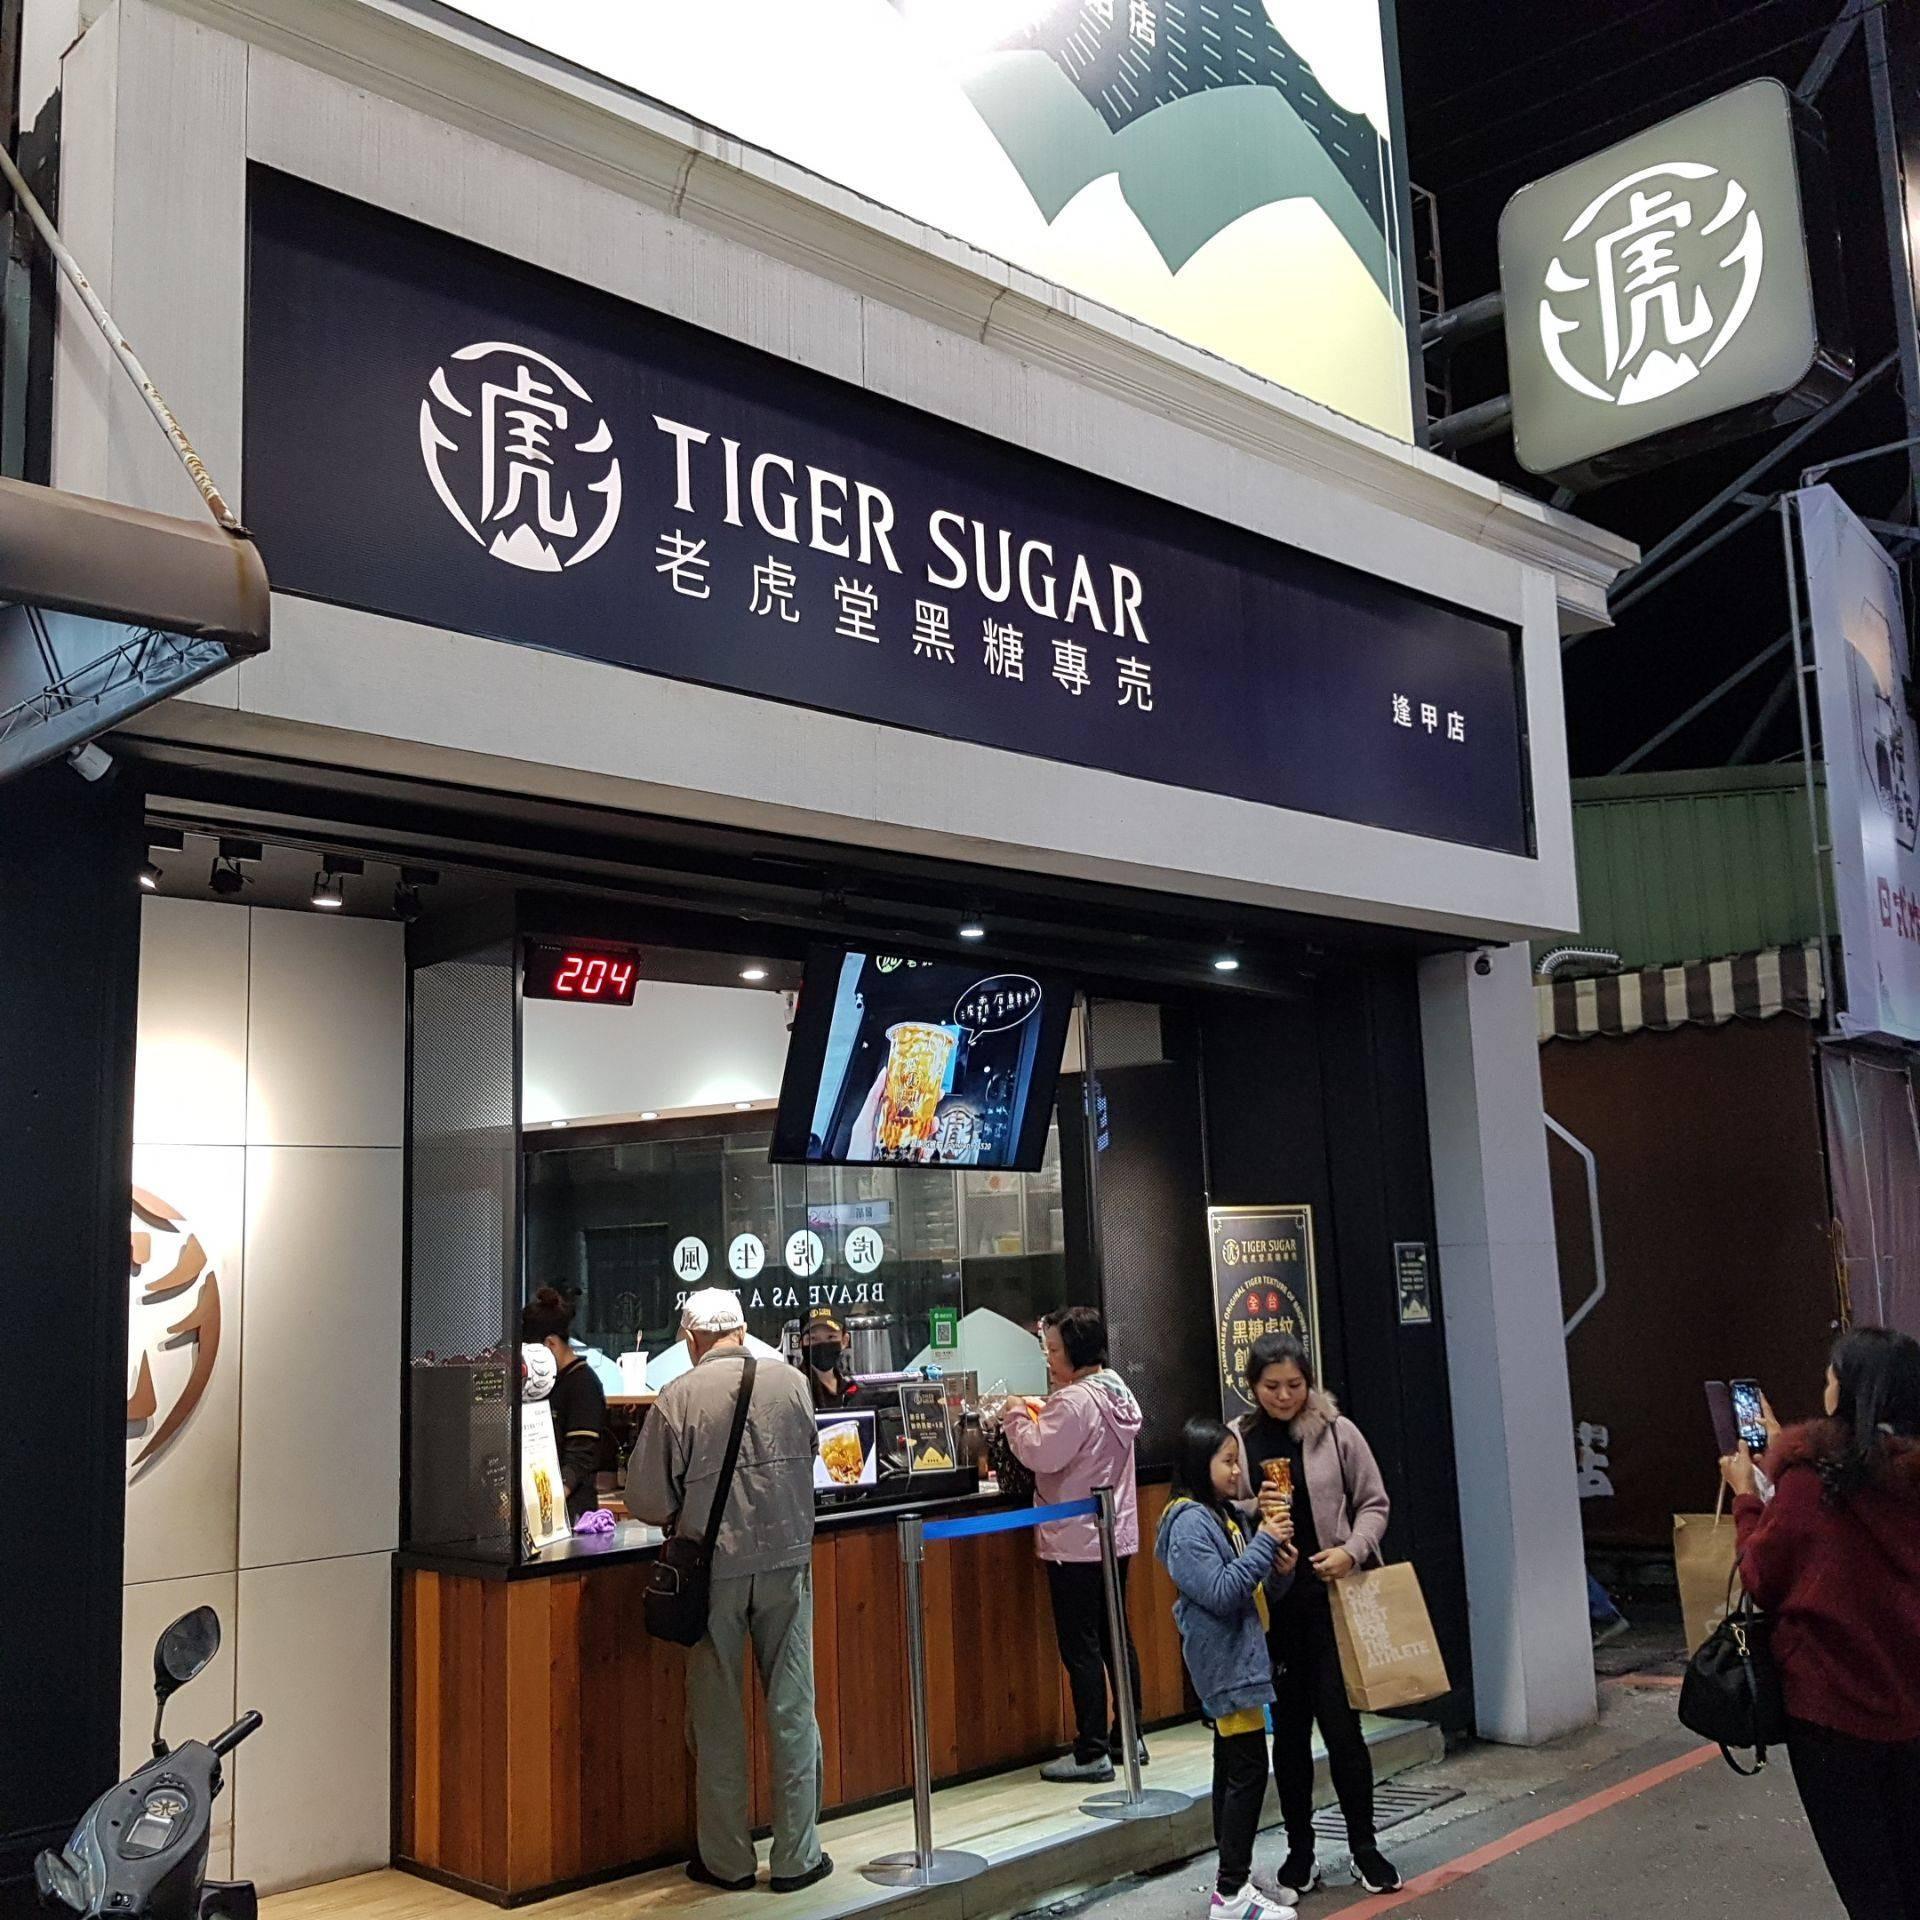 ร้าน Tiger Sugar - รีวิวร้านอาหาร - Wongnai